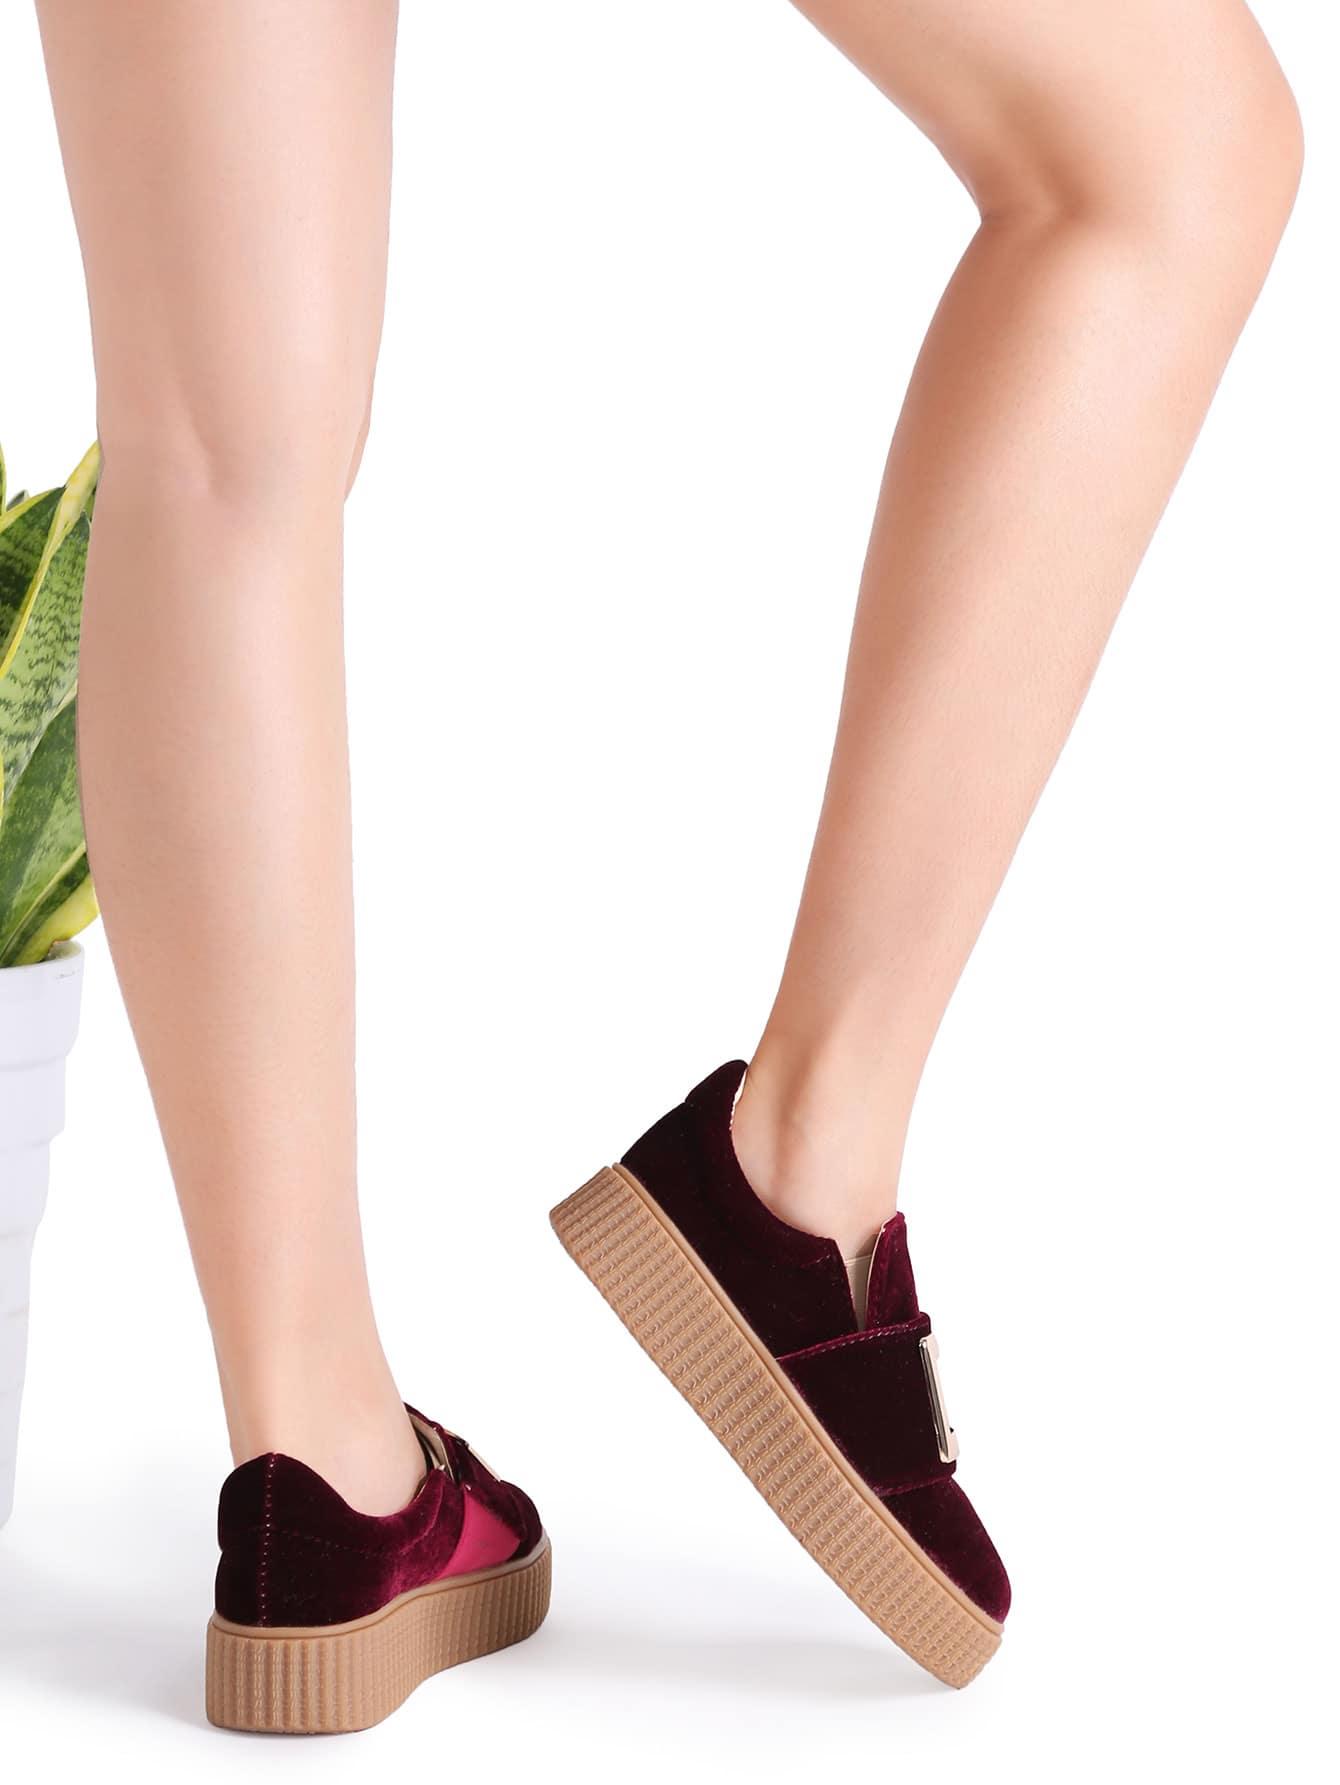 shoes161228805_2